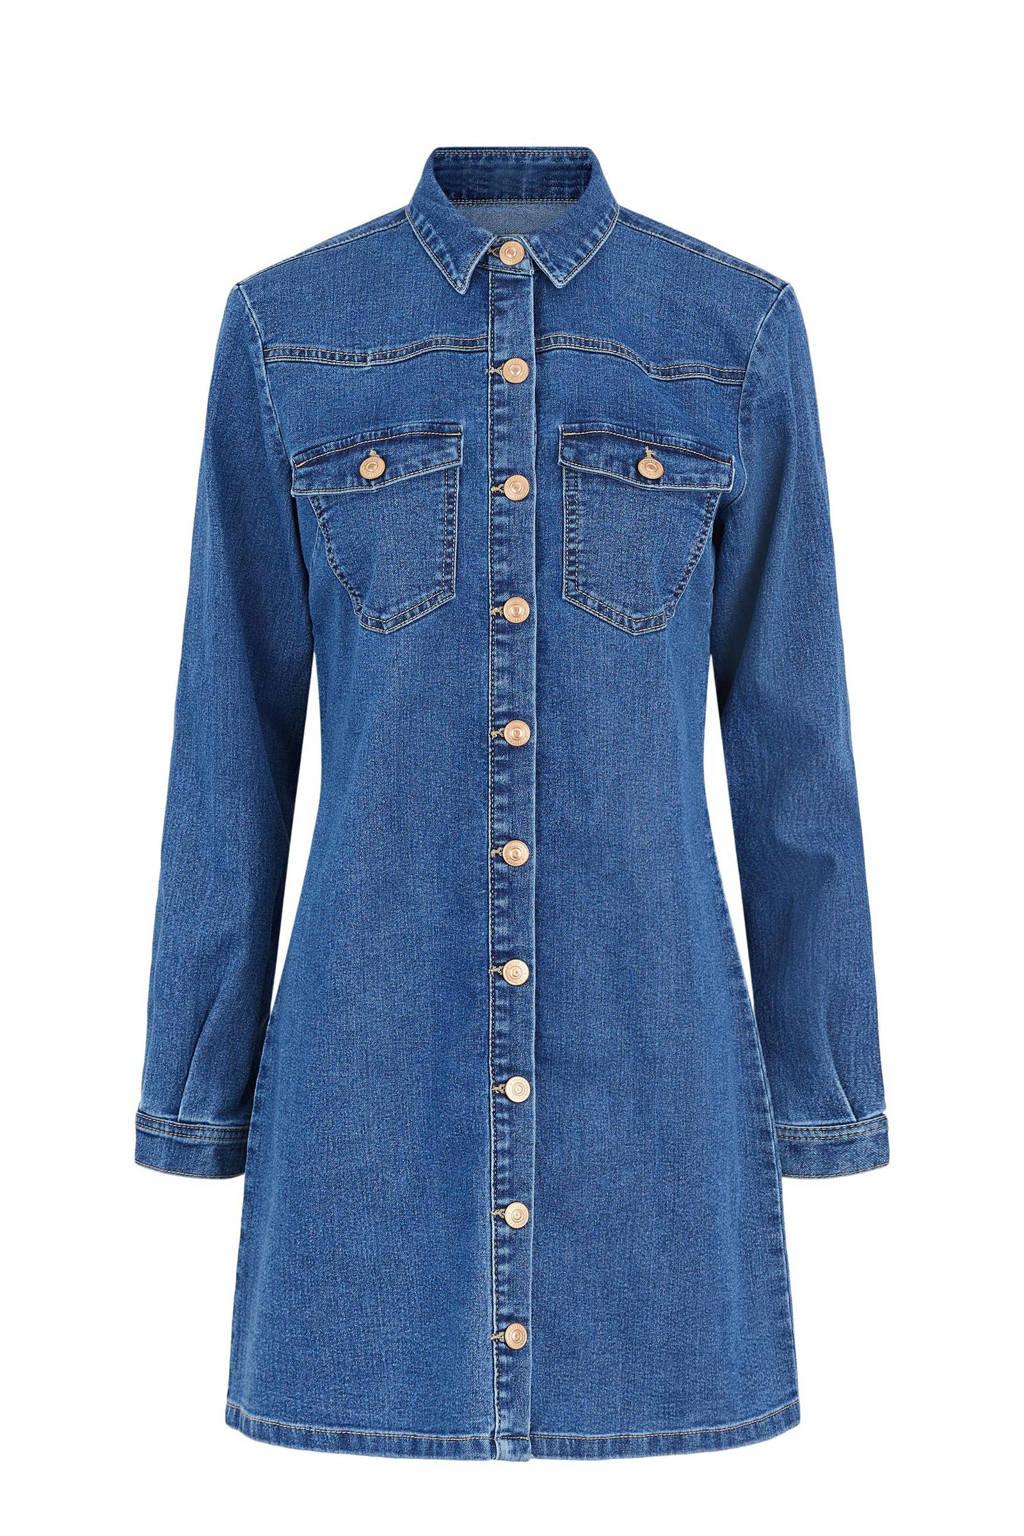 PIECES jurk blauw, Blauw